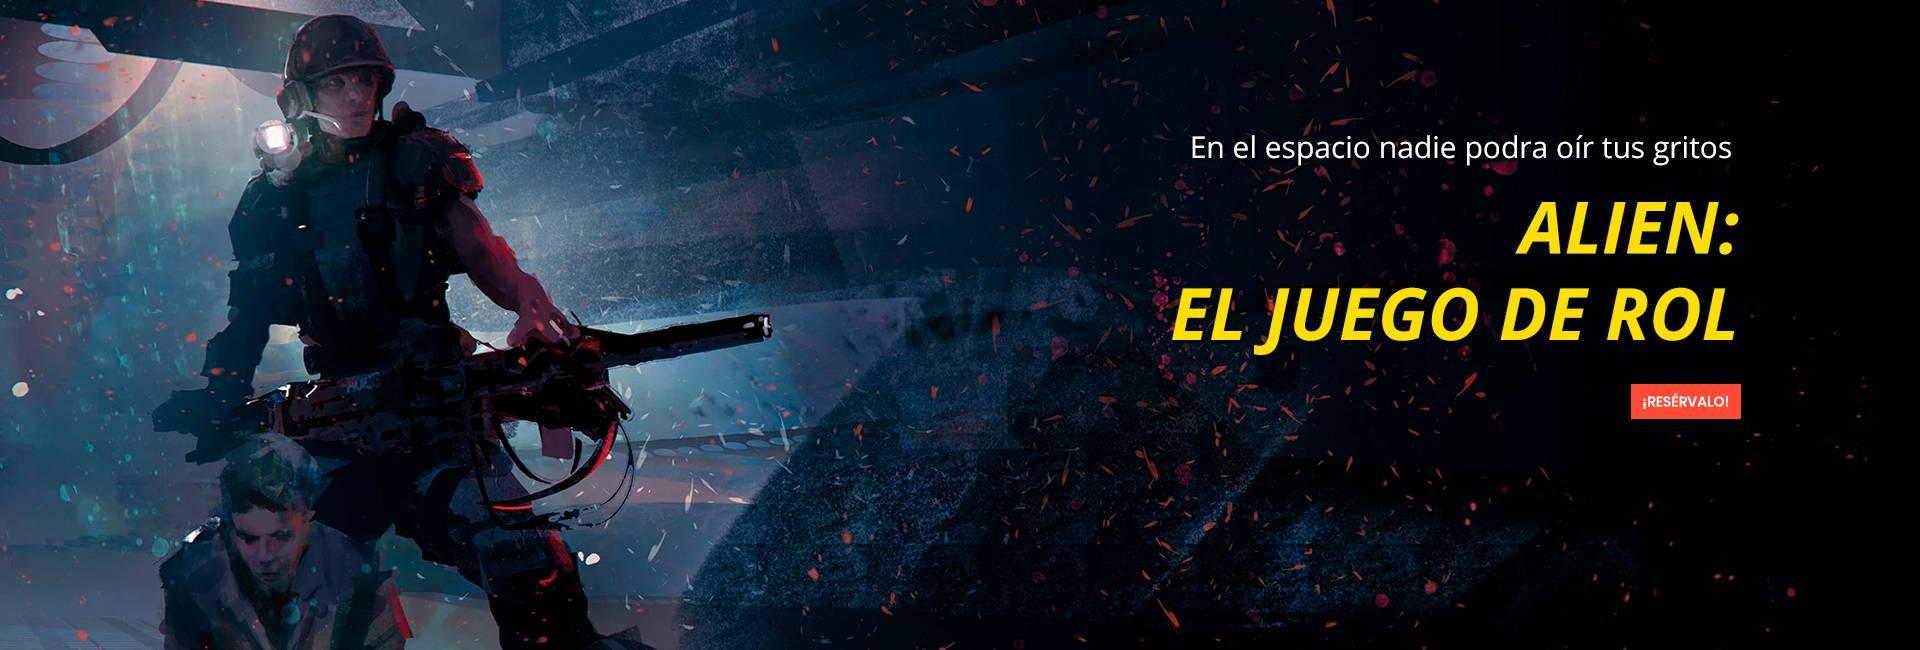 Alien: El juego de rol